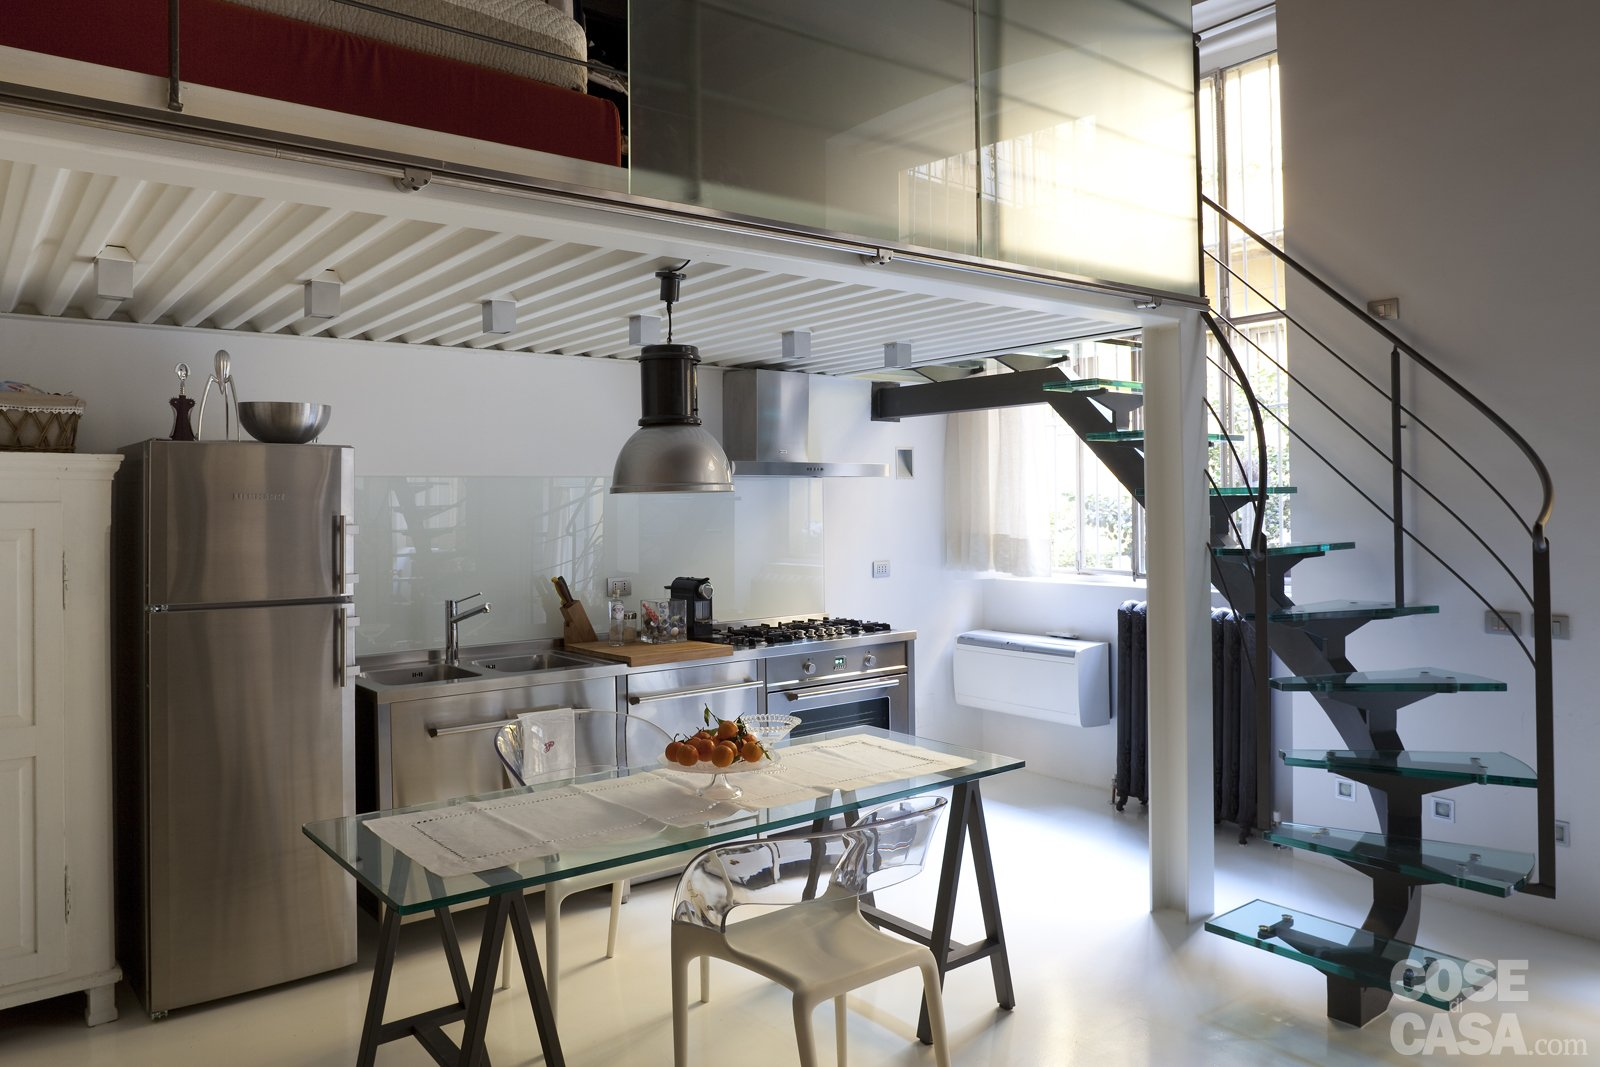 Mini loft la casa recupera spazio con nuovi soppalchi for Disegni di interni